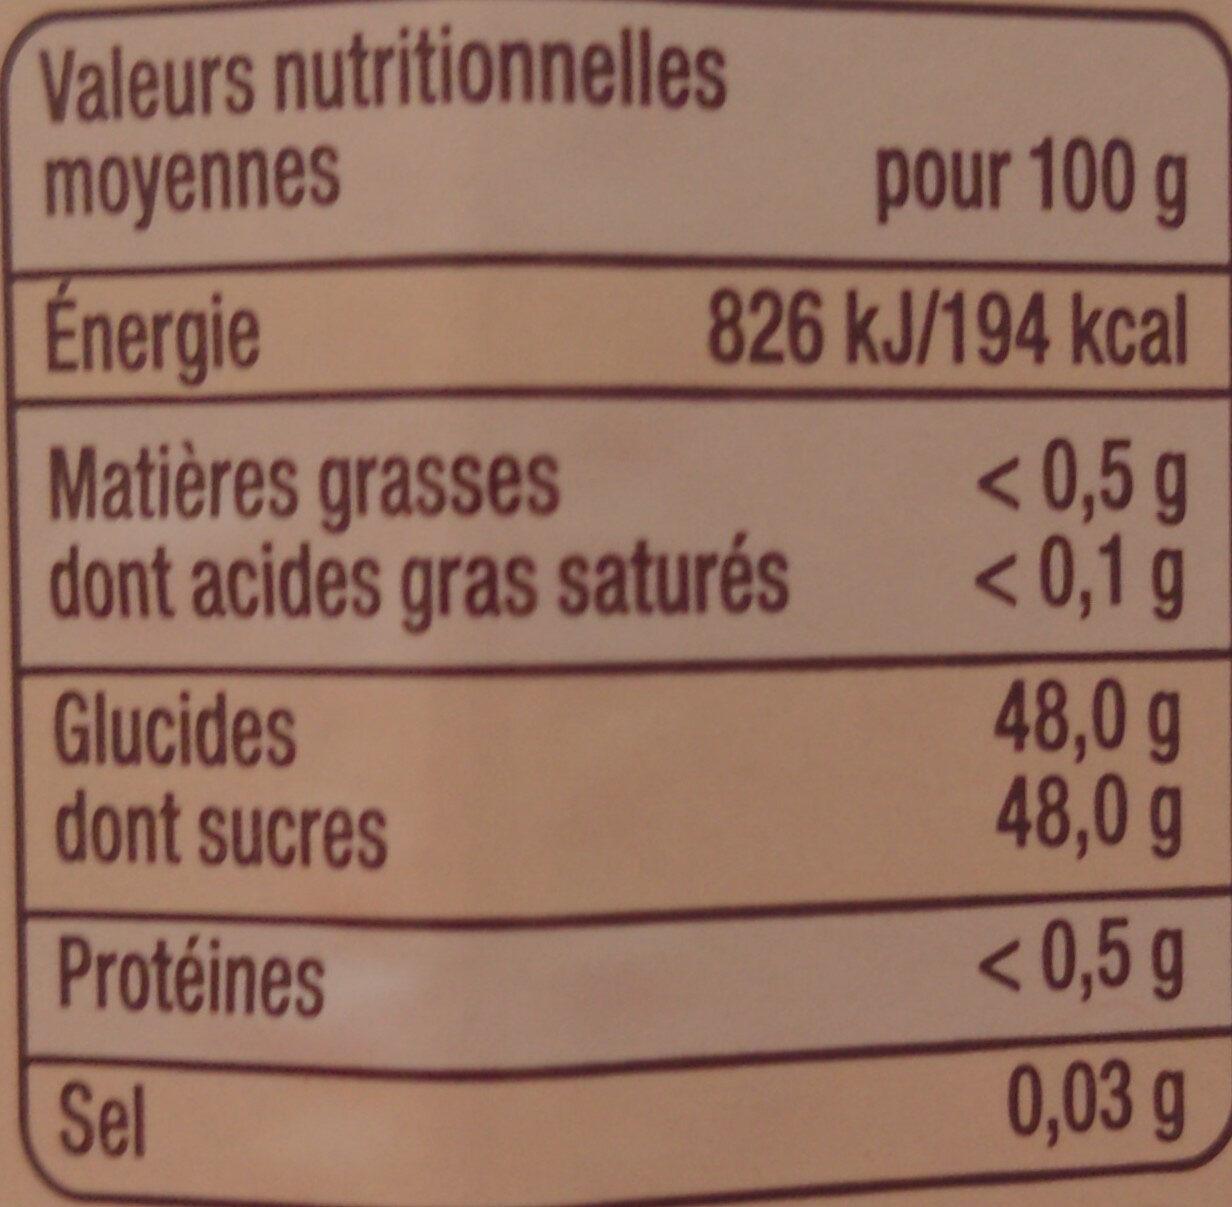 Fraises d'Aquitaine - Informations nutritionnelles - fr